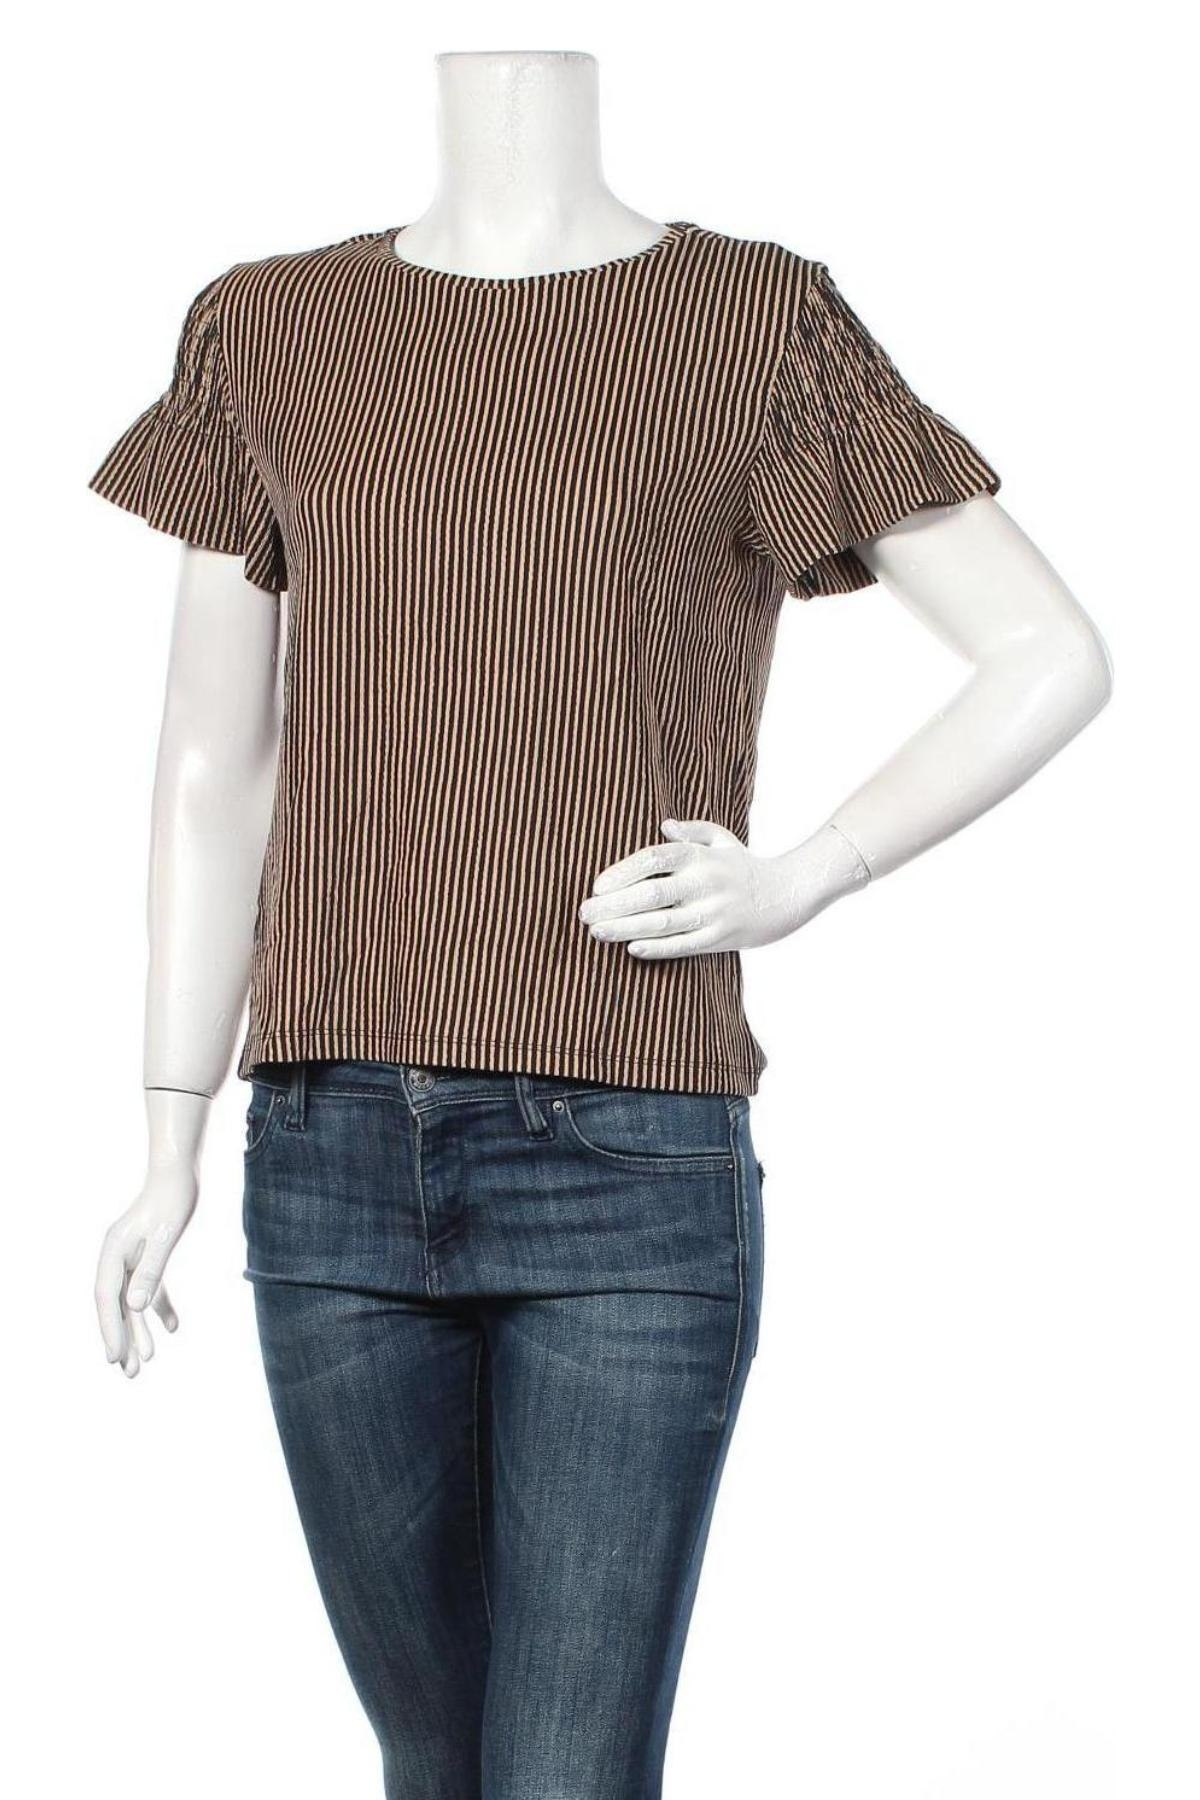 Γυναικεία μπλούζα Tom Tailor, Μέγεθος S, Χρώμα Μαύρο, Τιμή 8,66€